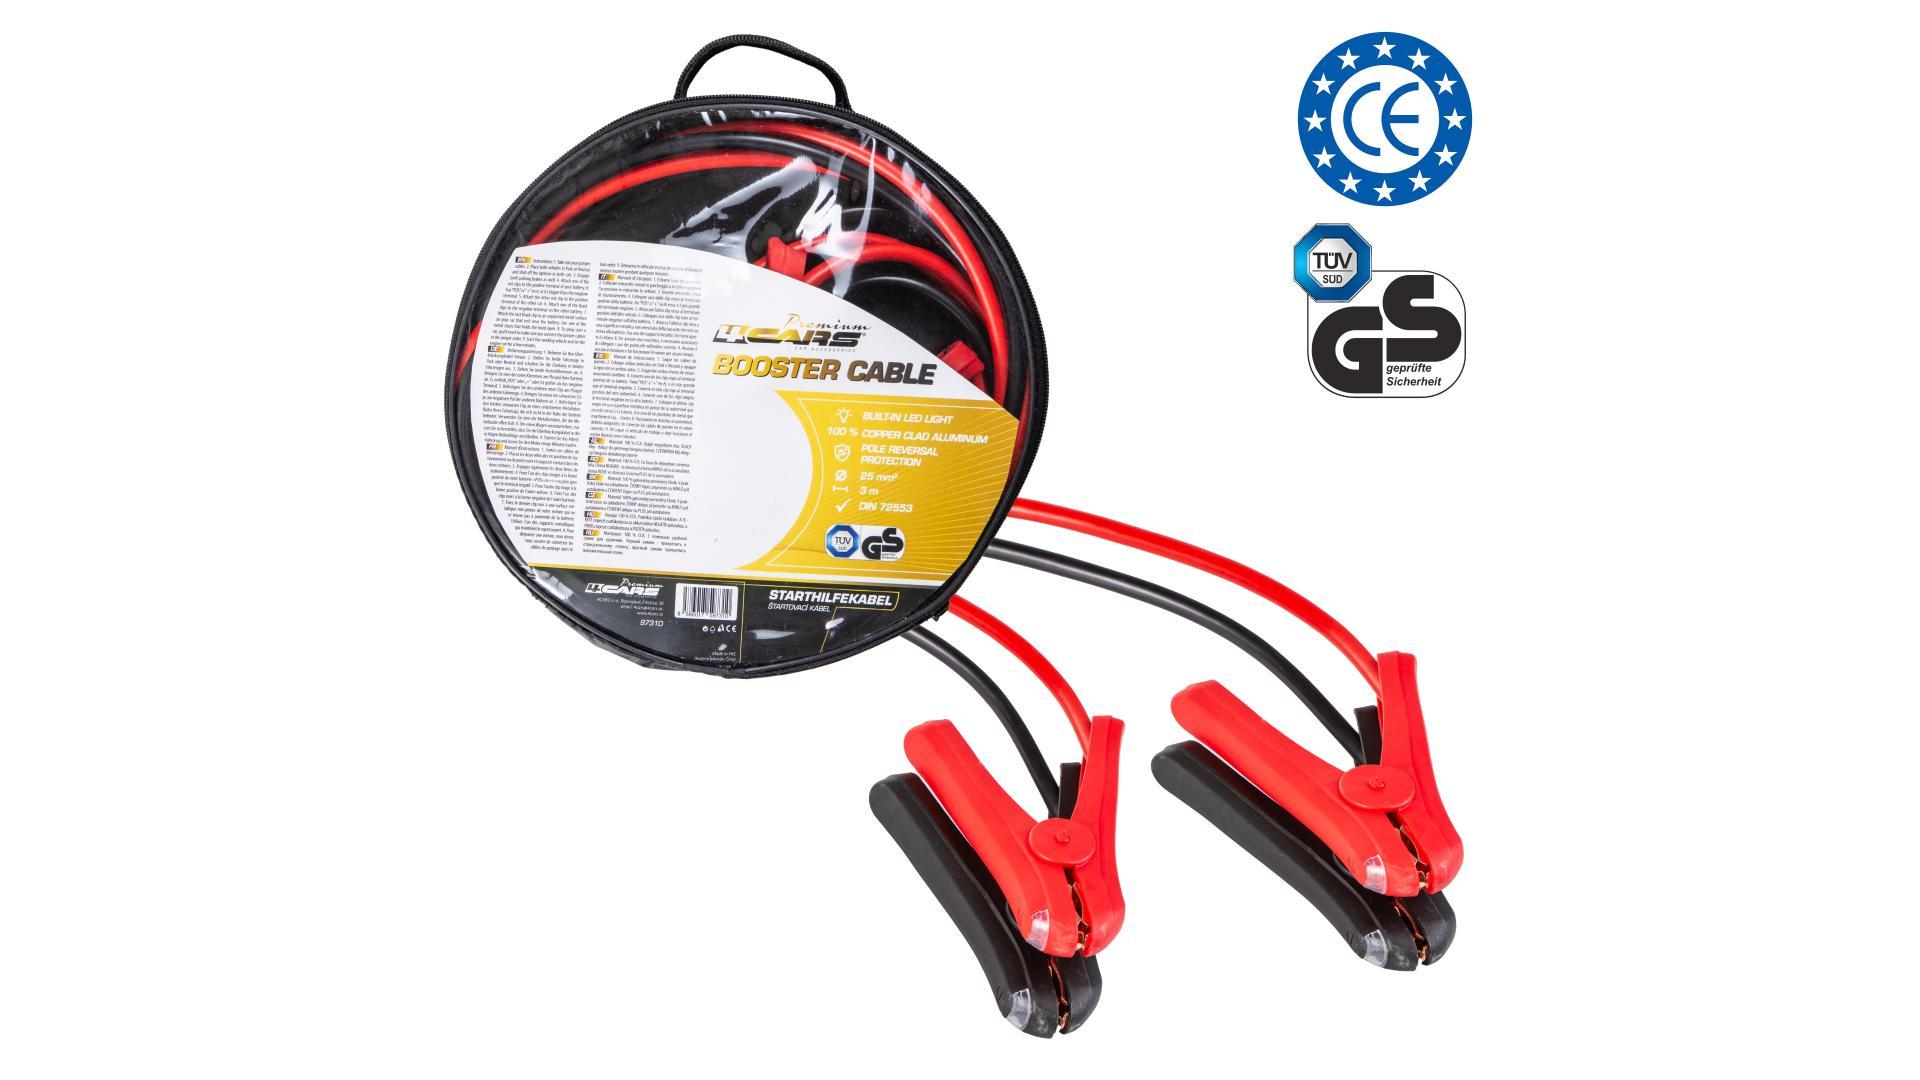 4CARS Premium Startovací kabel - DIN 72553 izolované kleště, LED světlo, ochrana pólů, tloušťka 16.0MM², 3metre